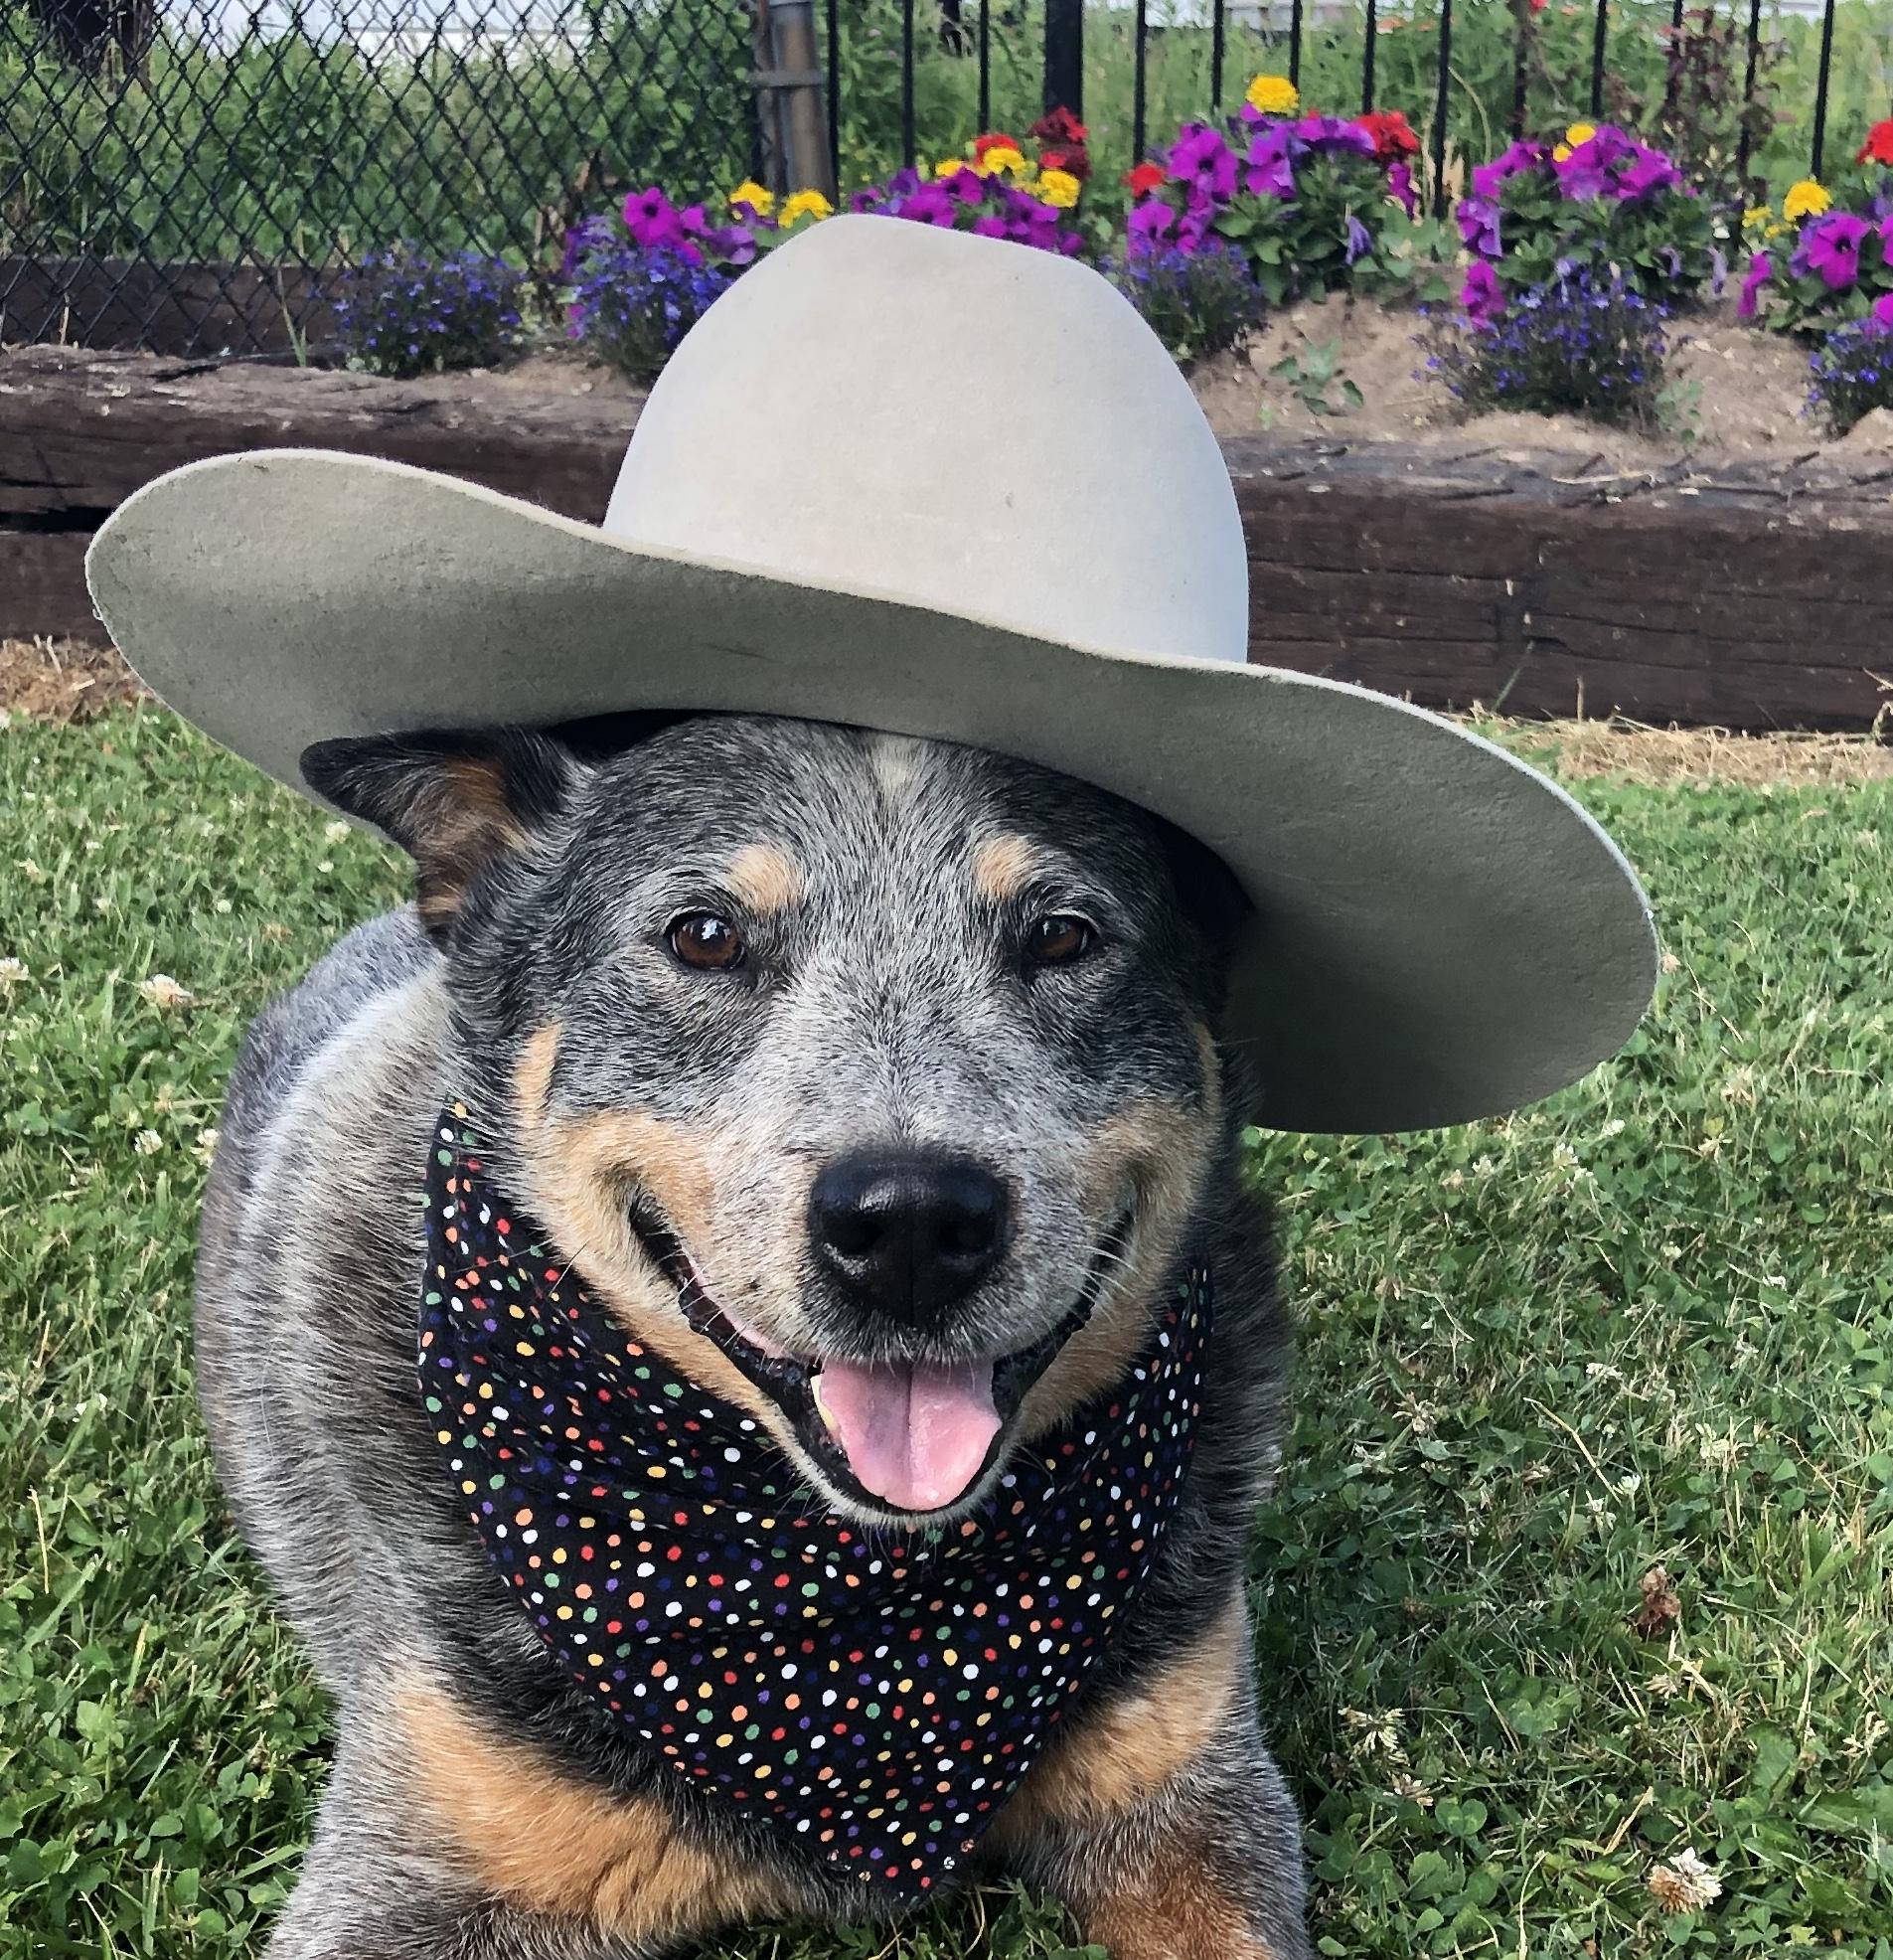 Australian Cattle Dog in Cowboy Hat